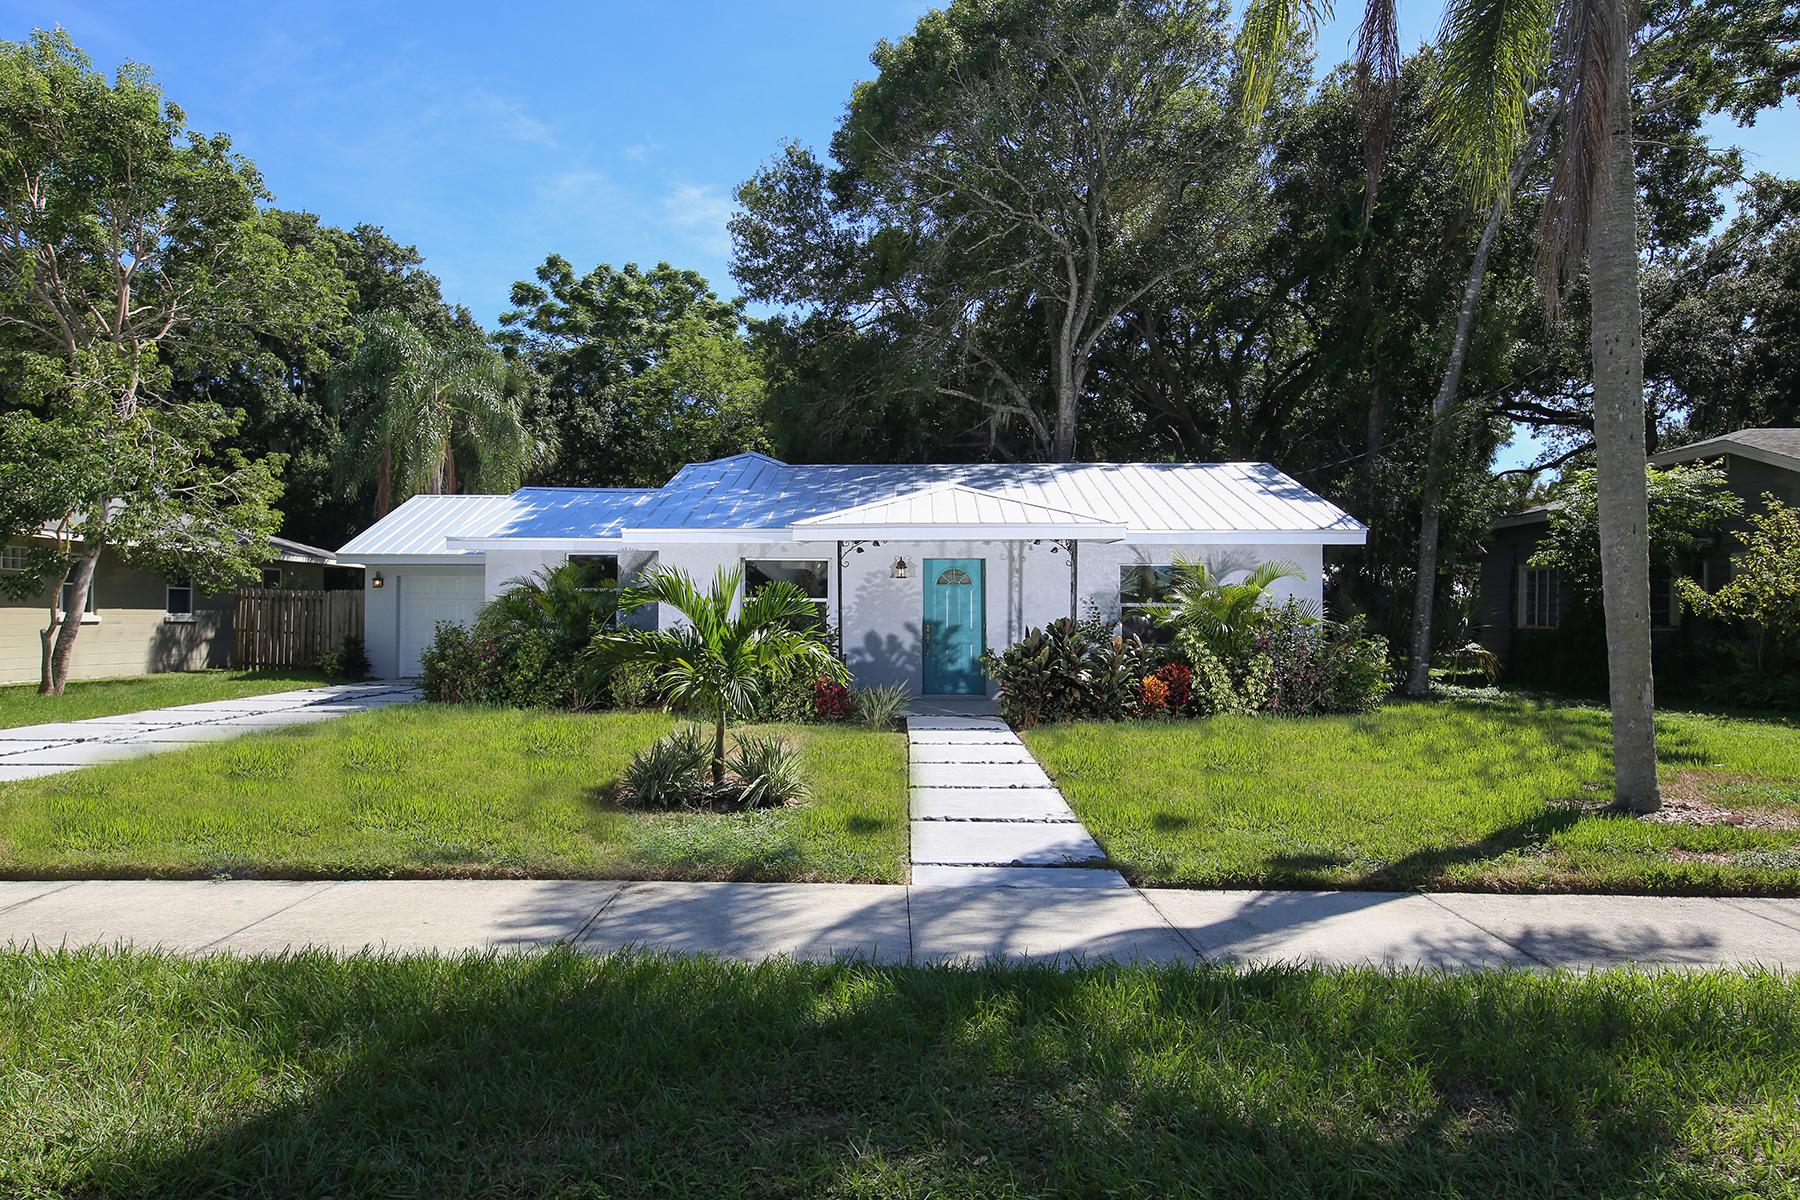 Einfamilienhaus für Verkauf beim GILLESPIE PARK 1754 7th St Sarasota, Florida, 34236 Vereinigte Staaten